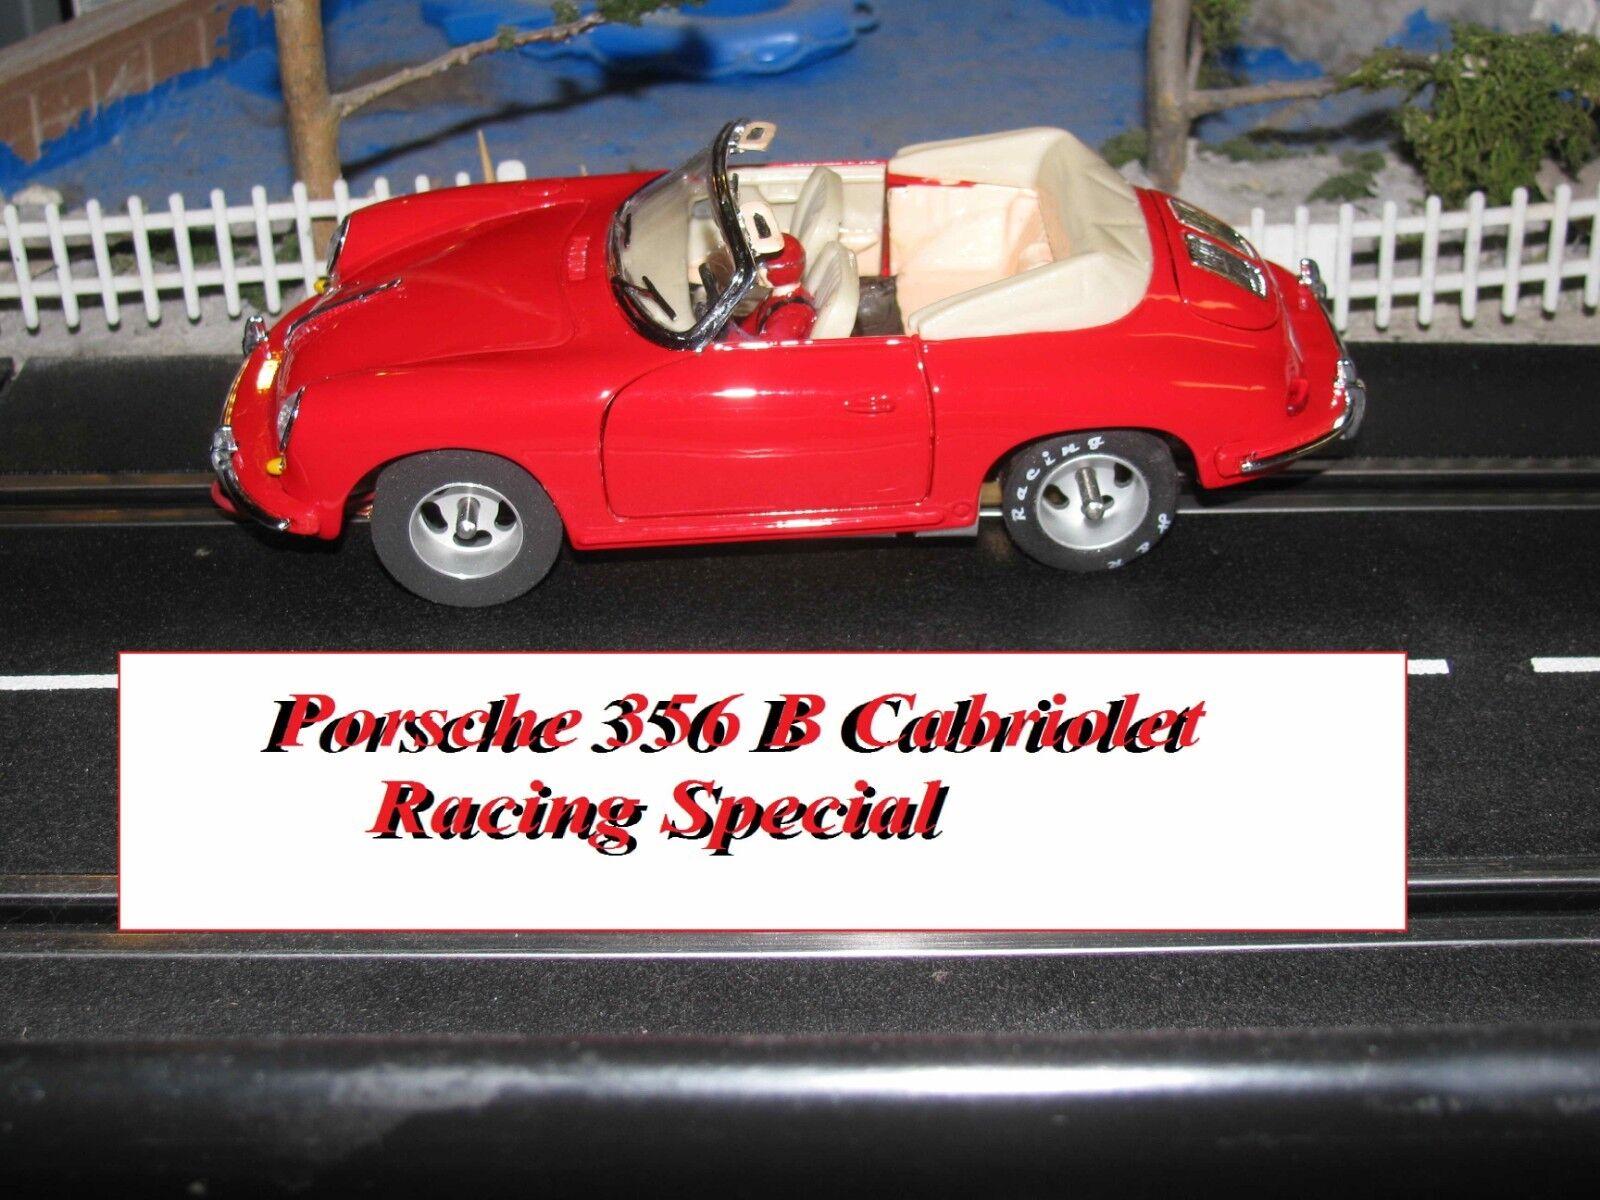 Porsche 356 Cabrio Slot Coche Racer con muchas modificaciones escala 1 24 - Buen